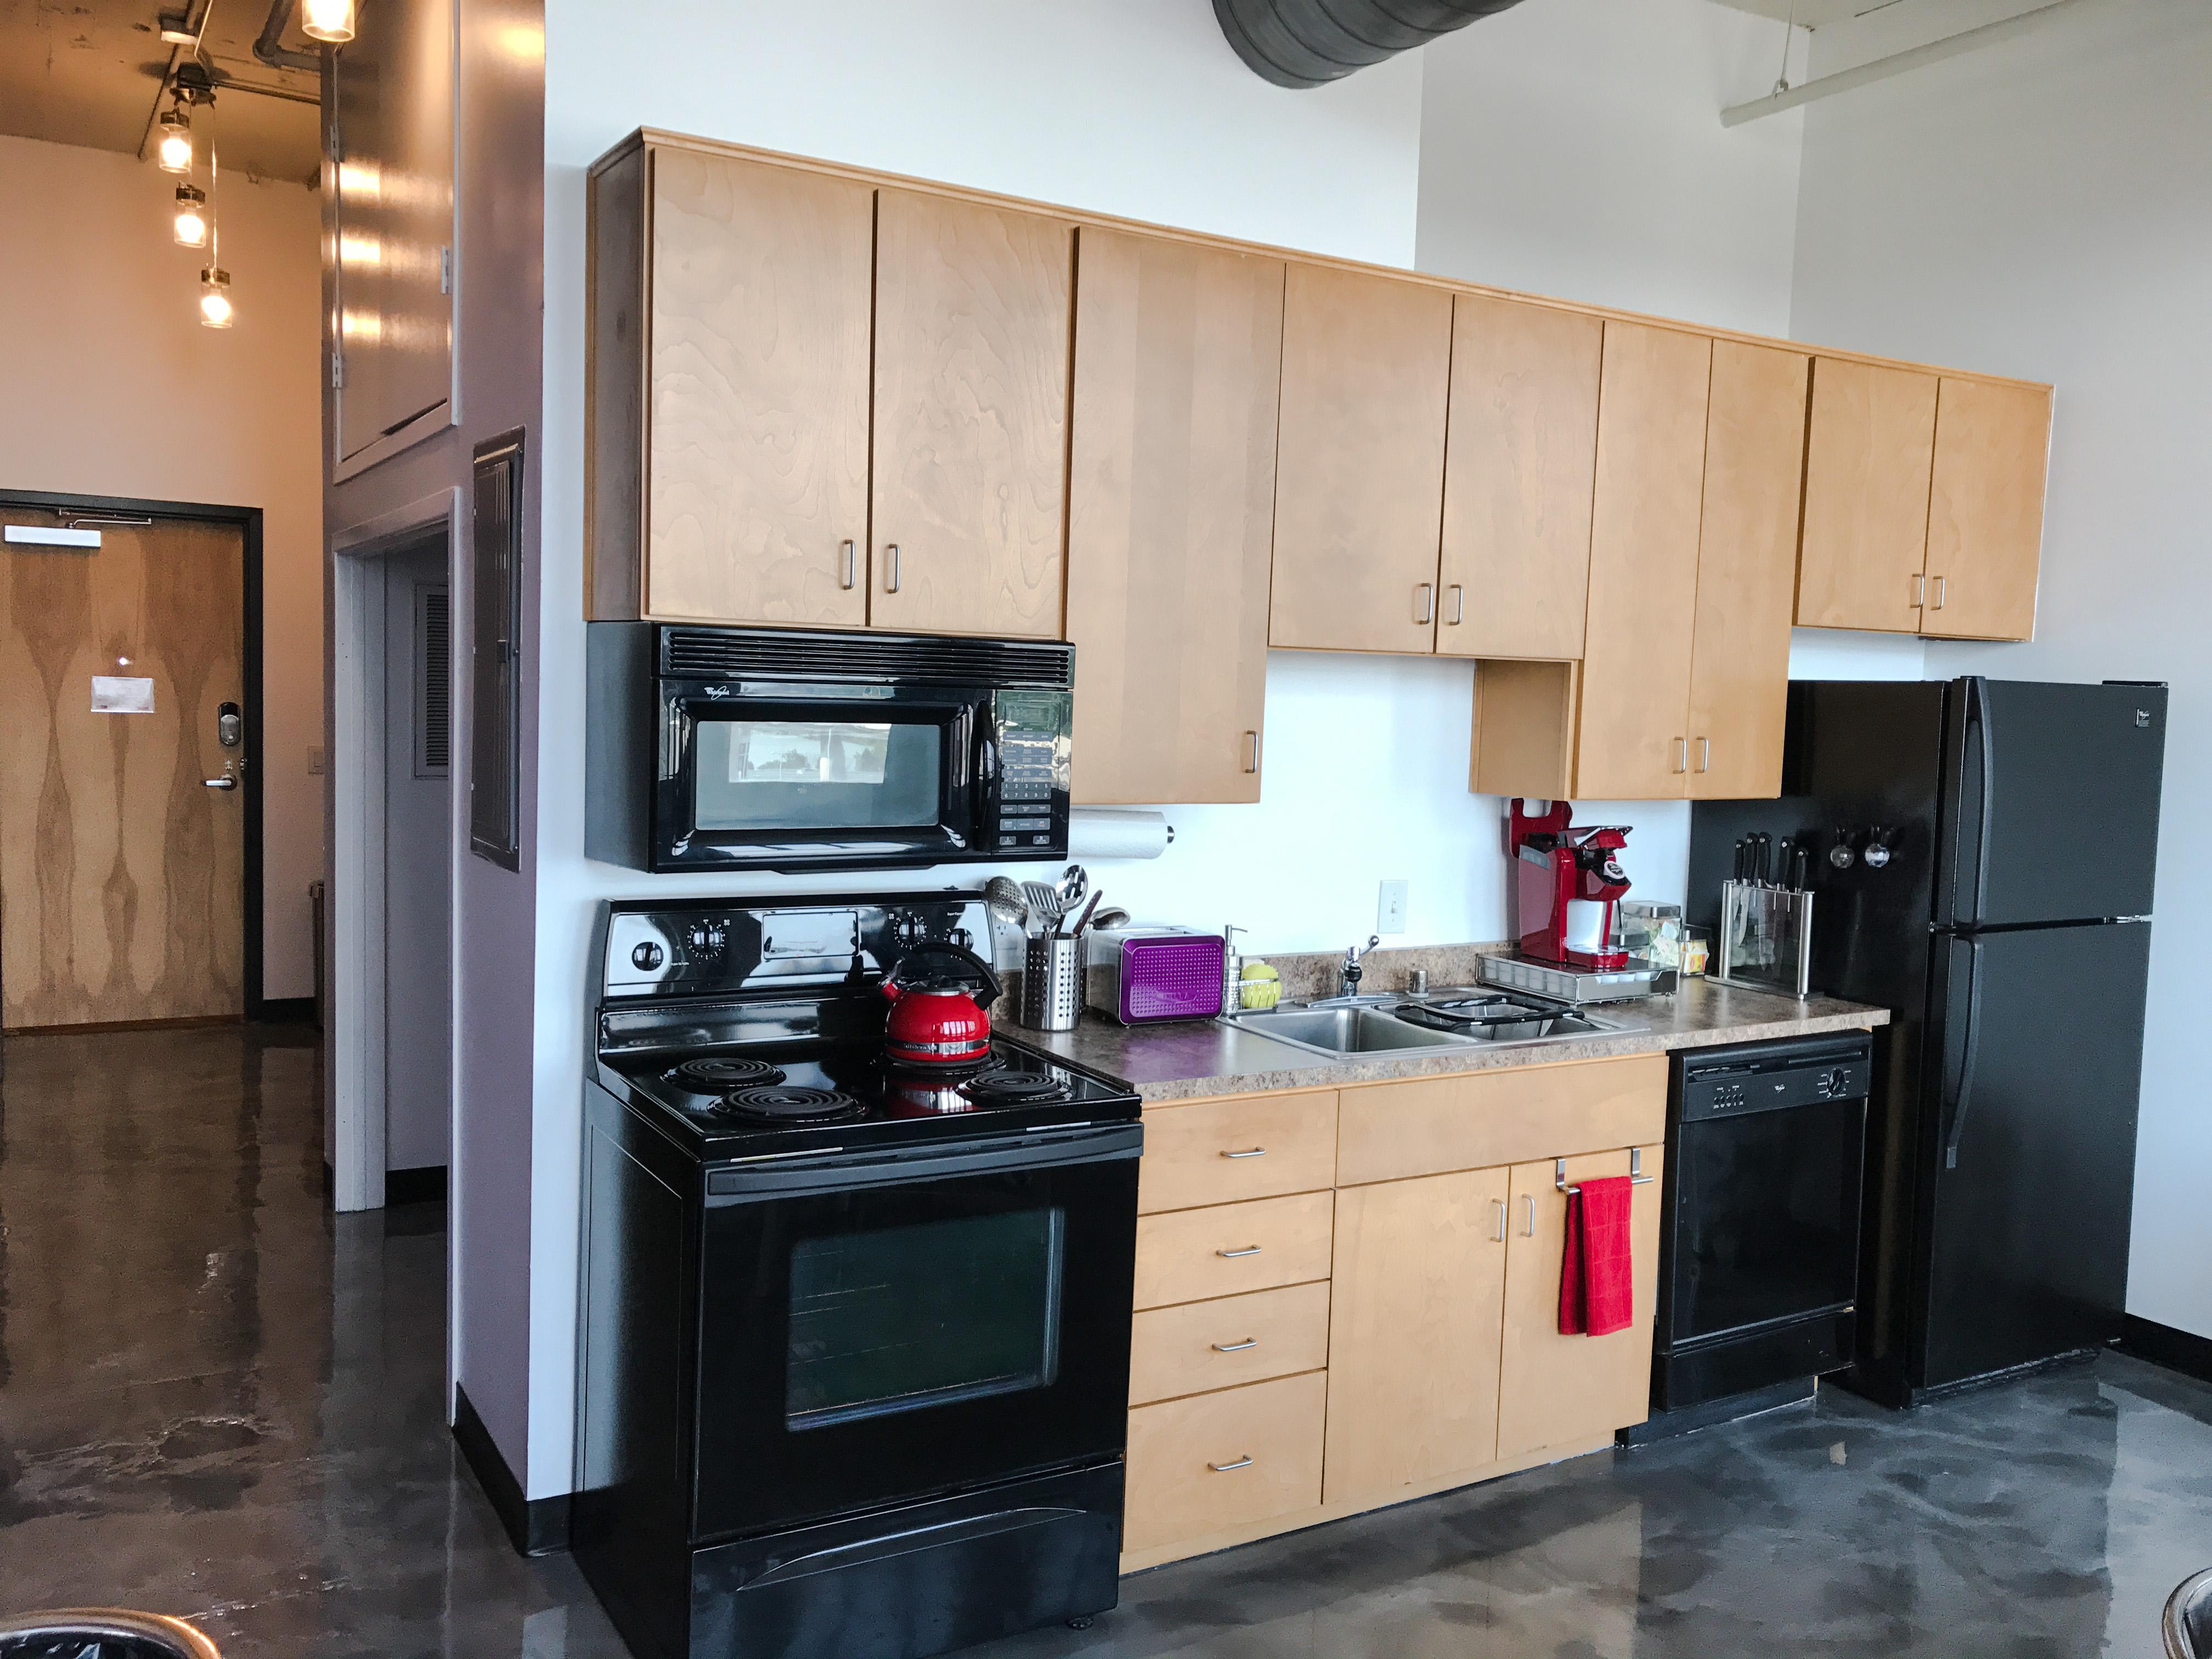 Loft Reverie Hotel 703 - Kitchen + Entry Hallway